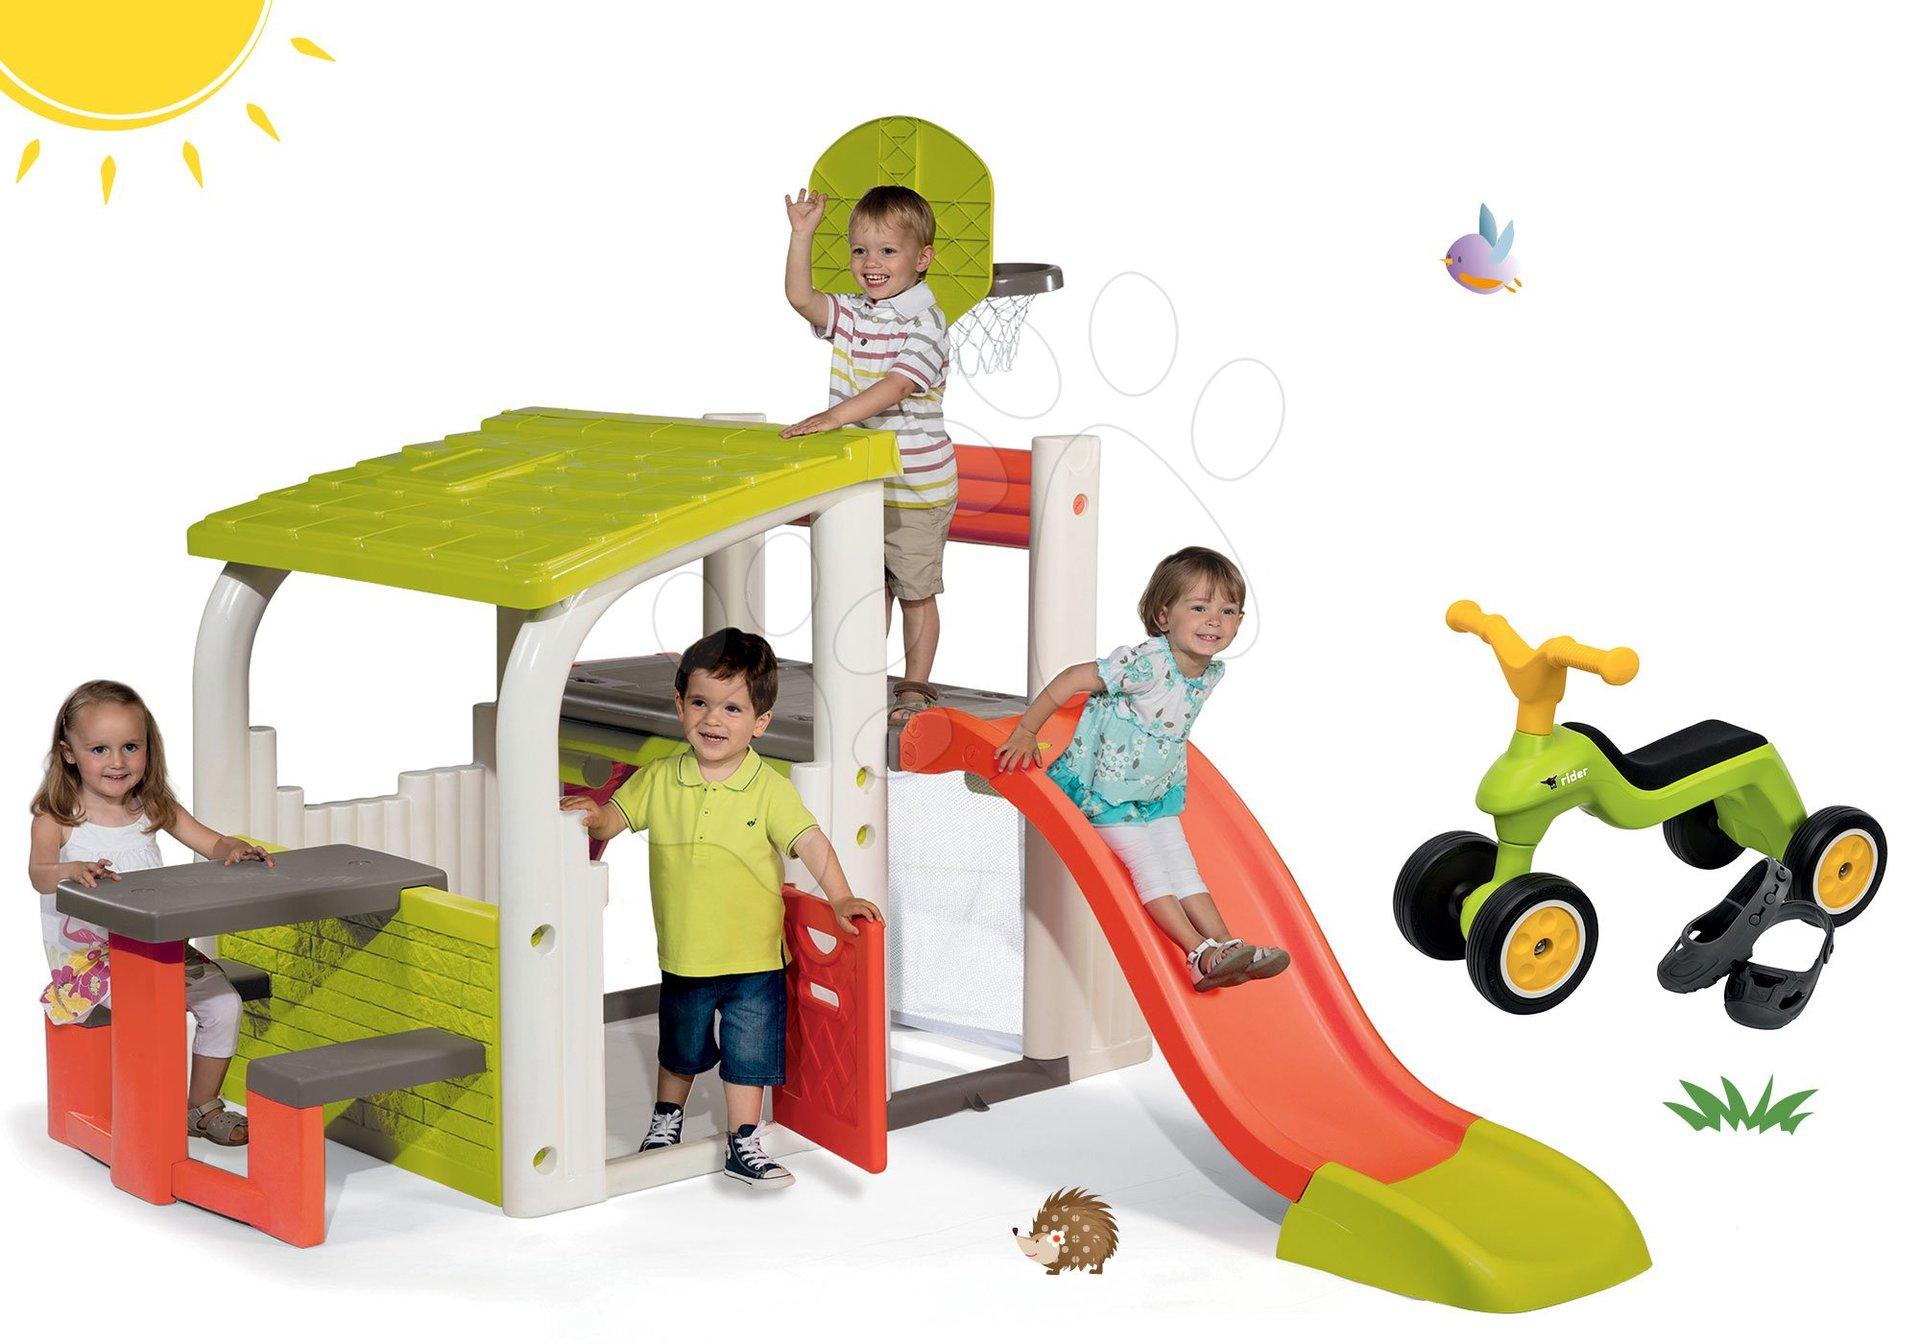 Hracie centrá - Set hracie centrum Fun Center Smoby so šmykľavkou dlhou 150 cm a odrážadlo Rider s návlekmi na topánky od 24 mes